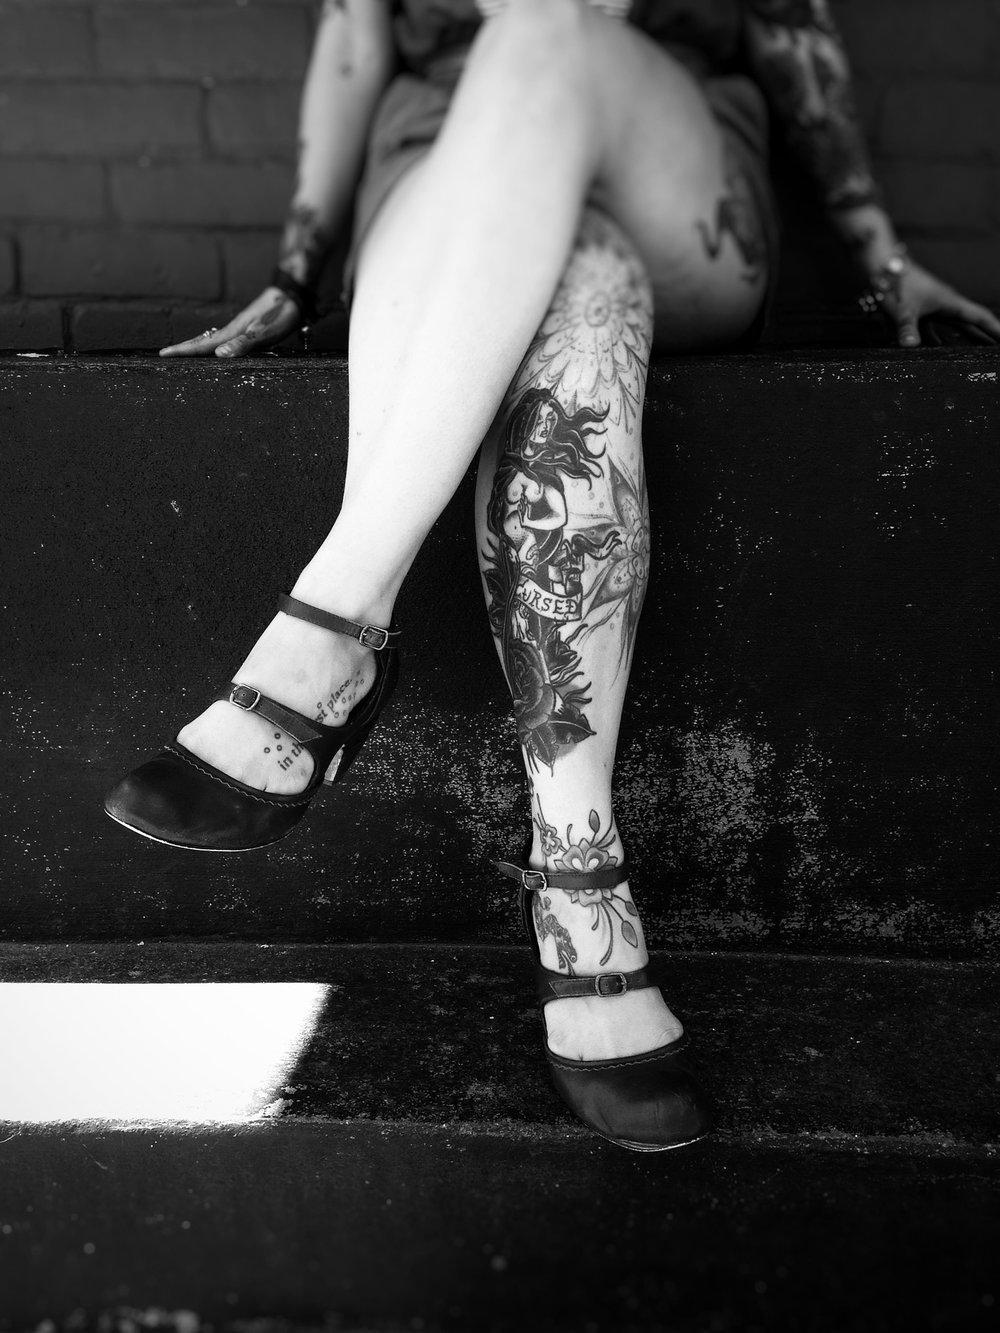 tattoo-1246840_1920.jpg